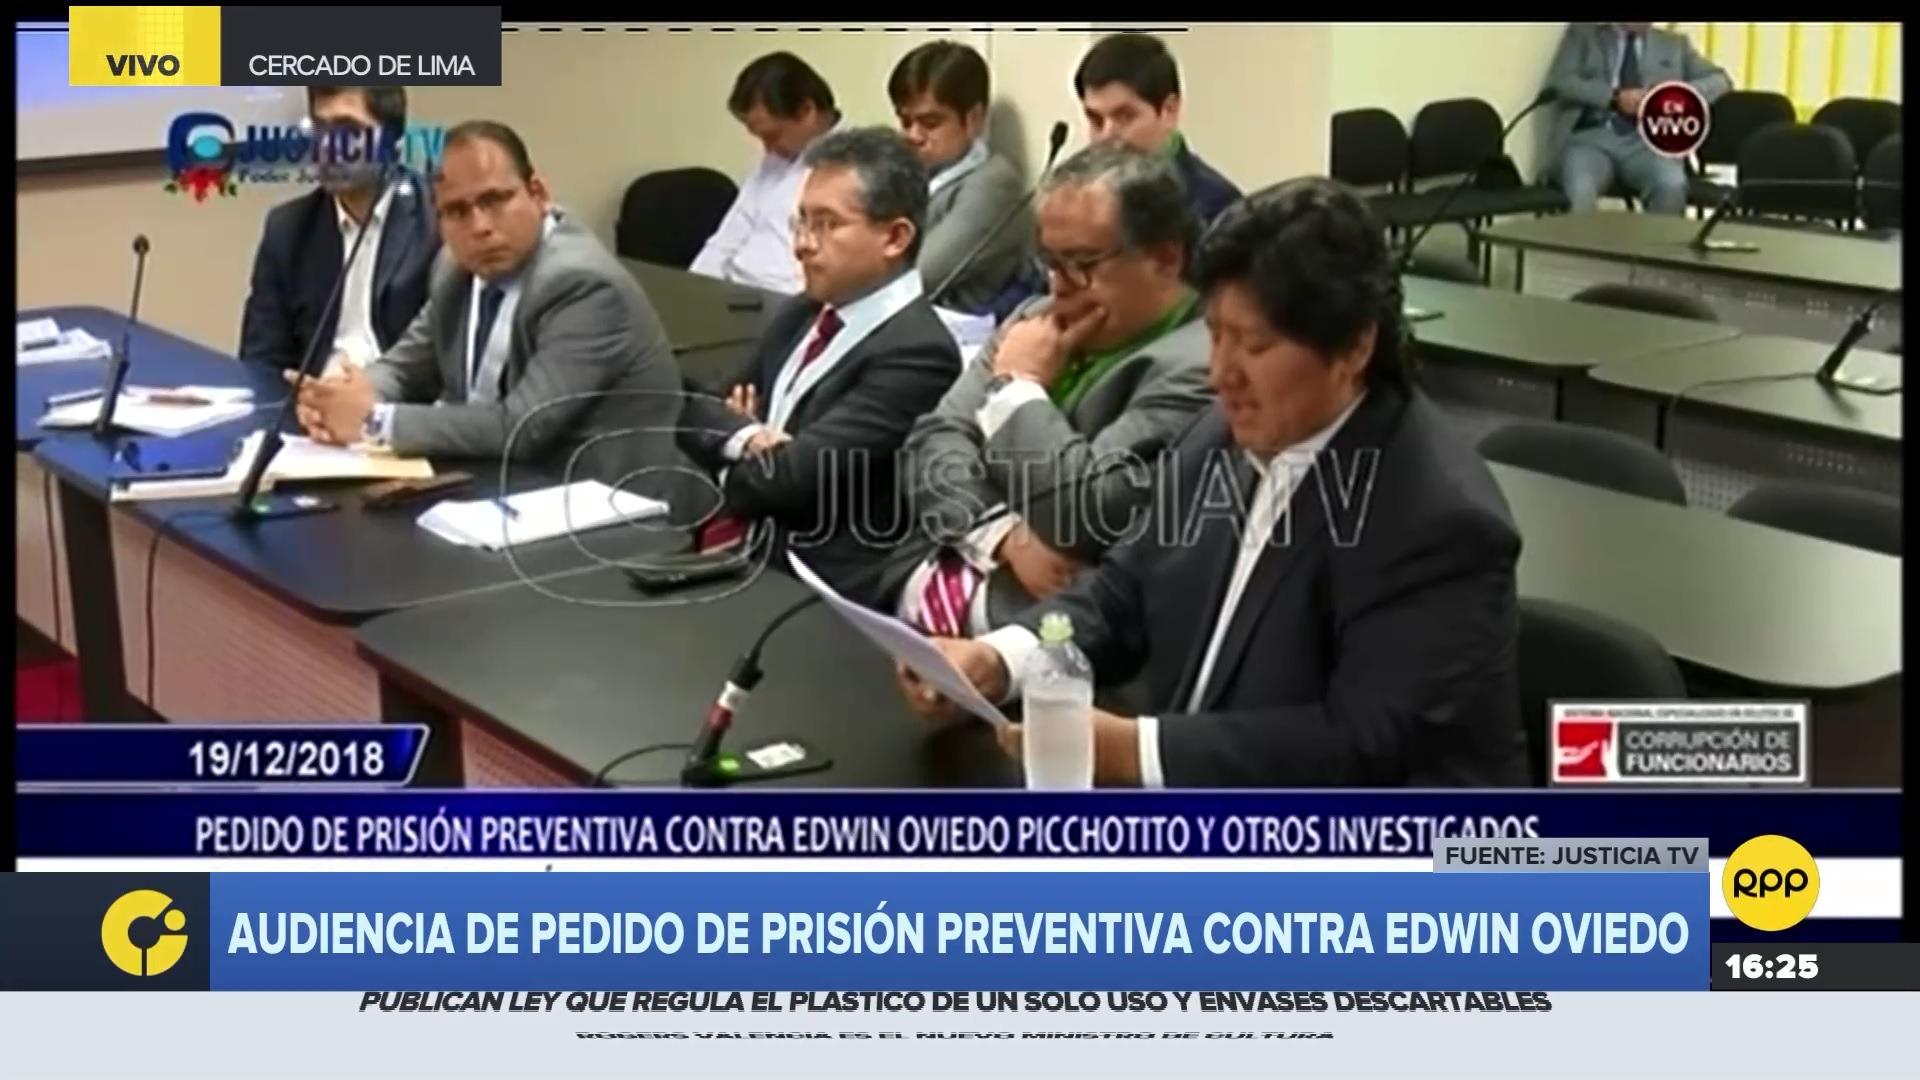 El expresidente de la Federación Peruana de Fútbol comentó que la entrega de entradas es una política que siempre existió en esa institución.